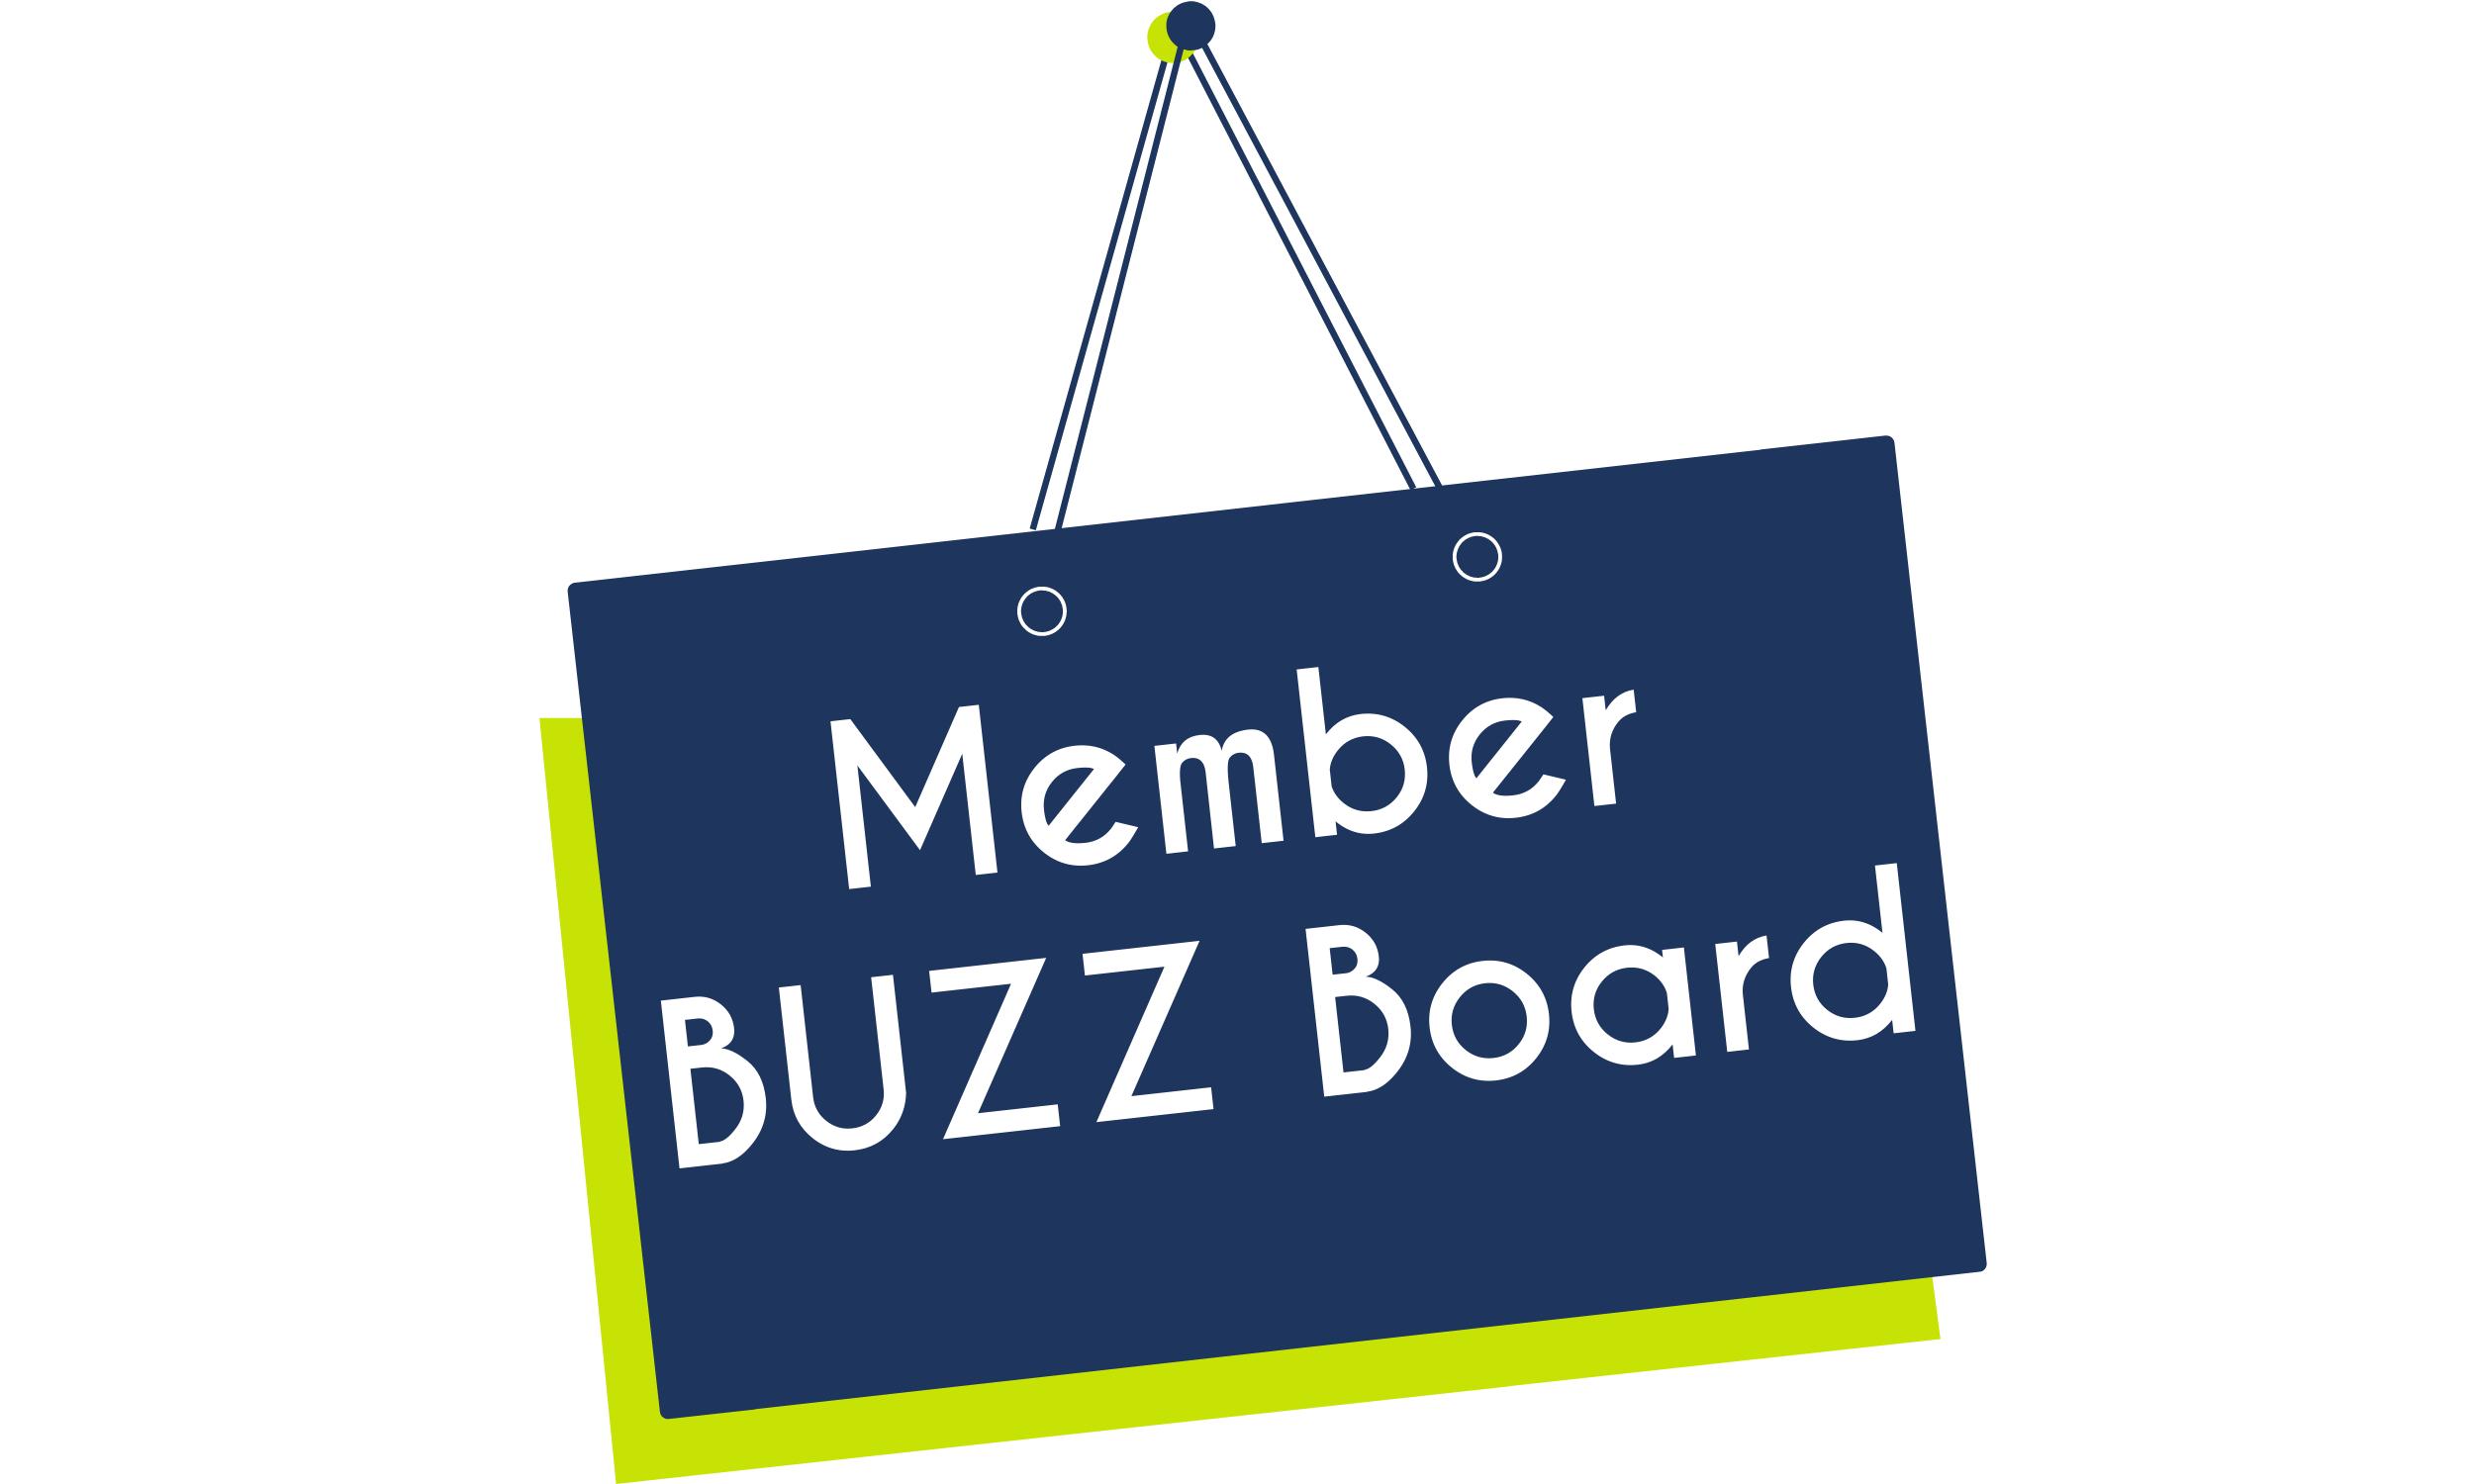 Member buzz board.